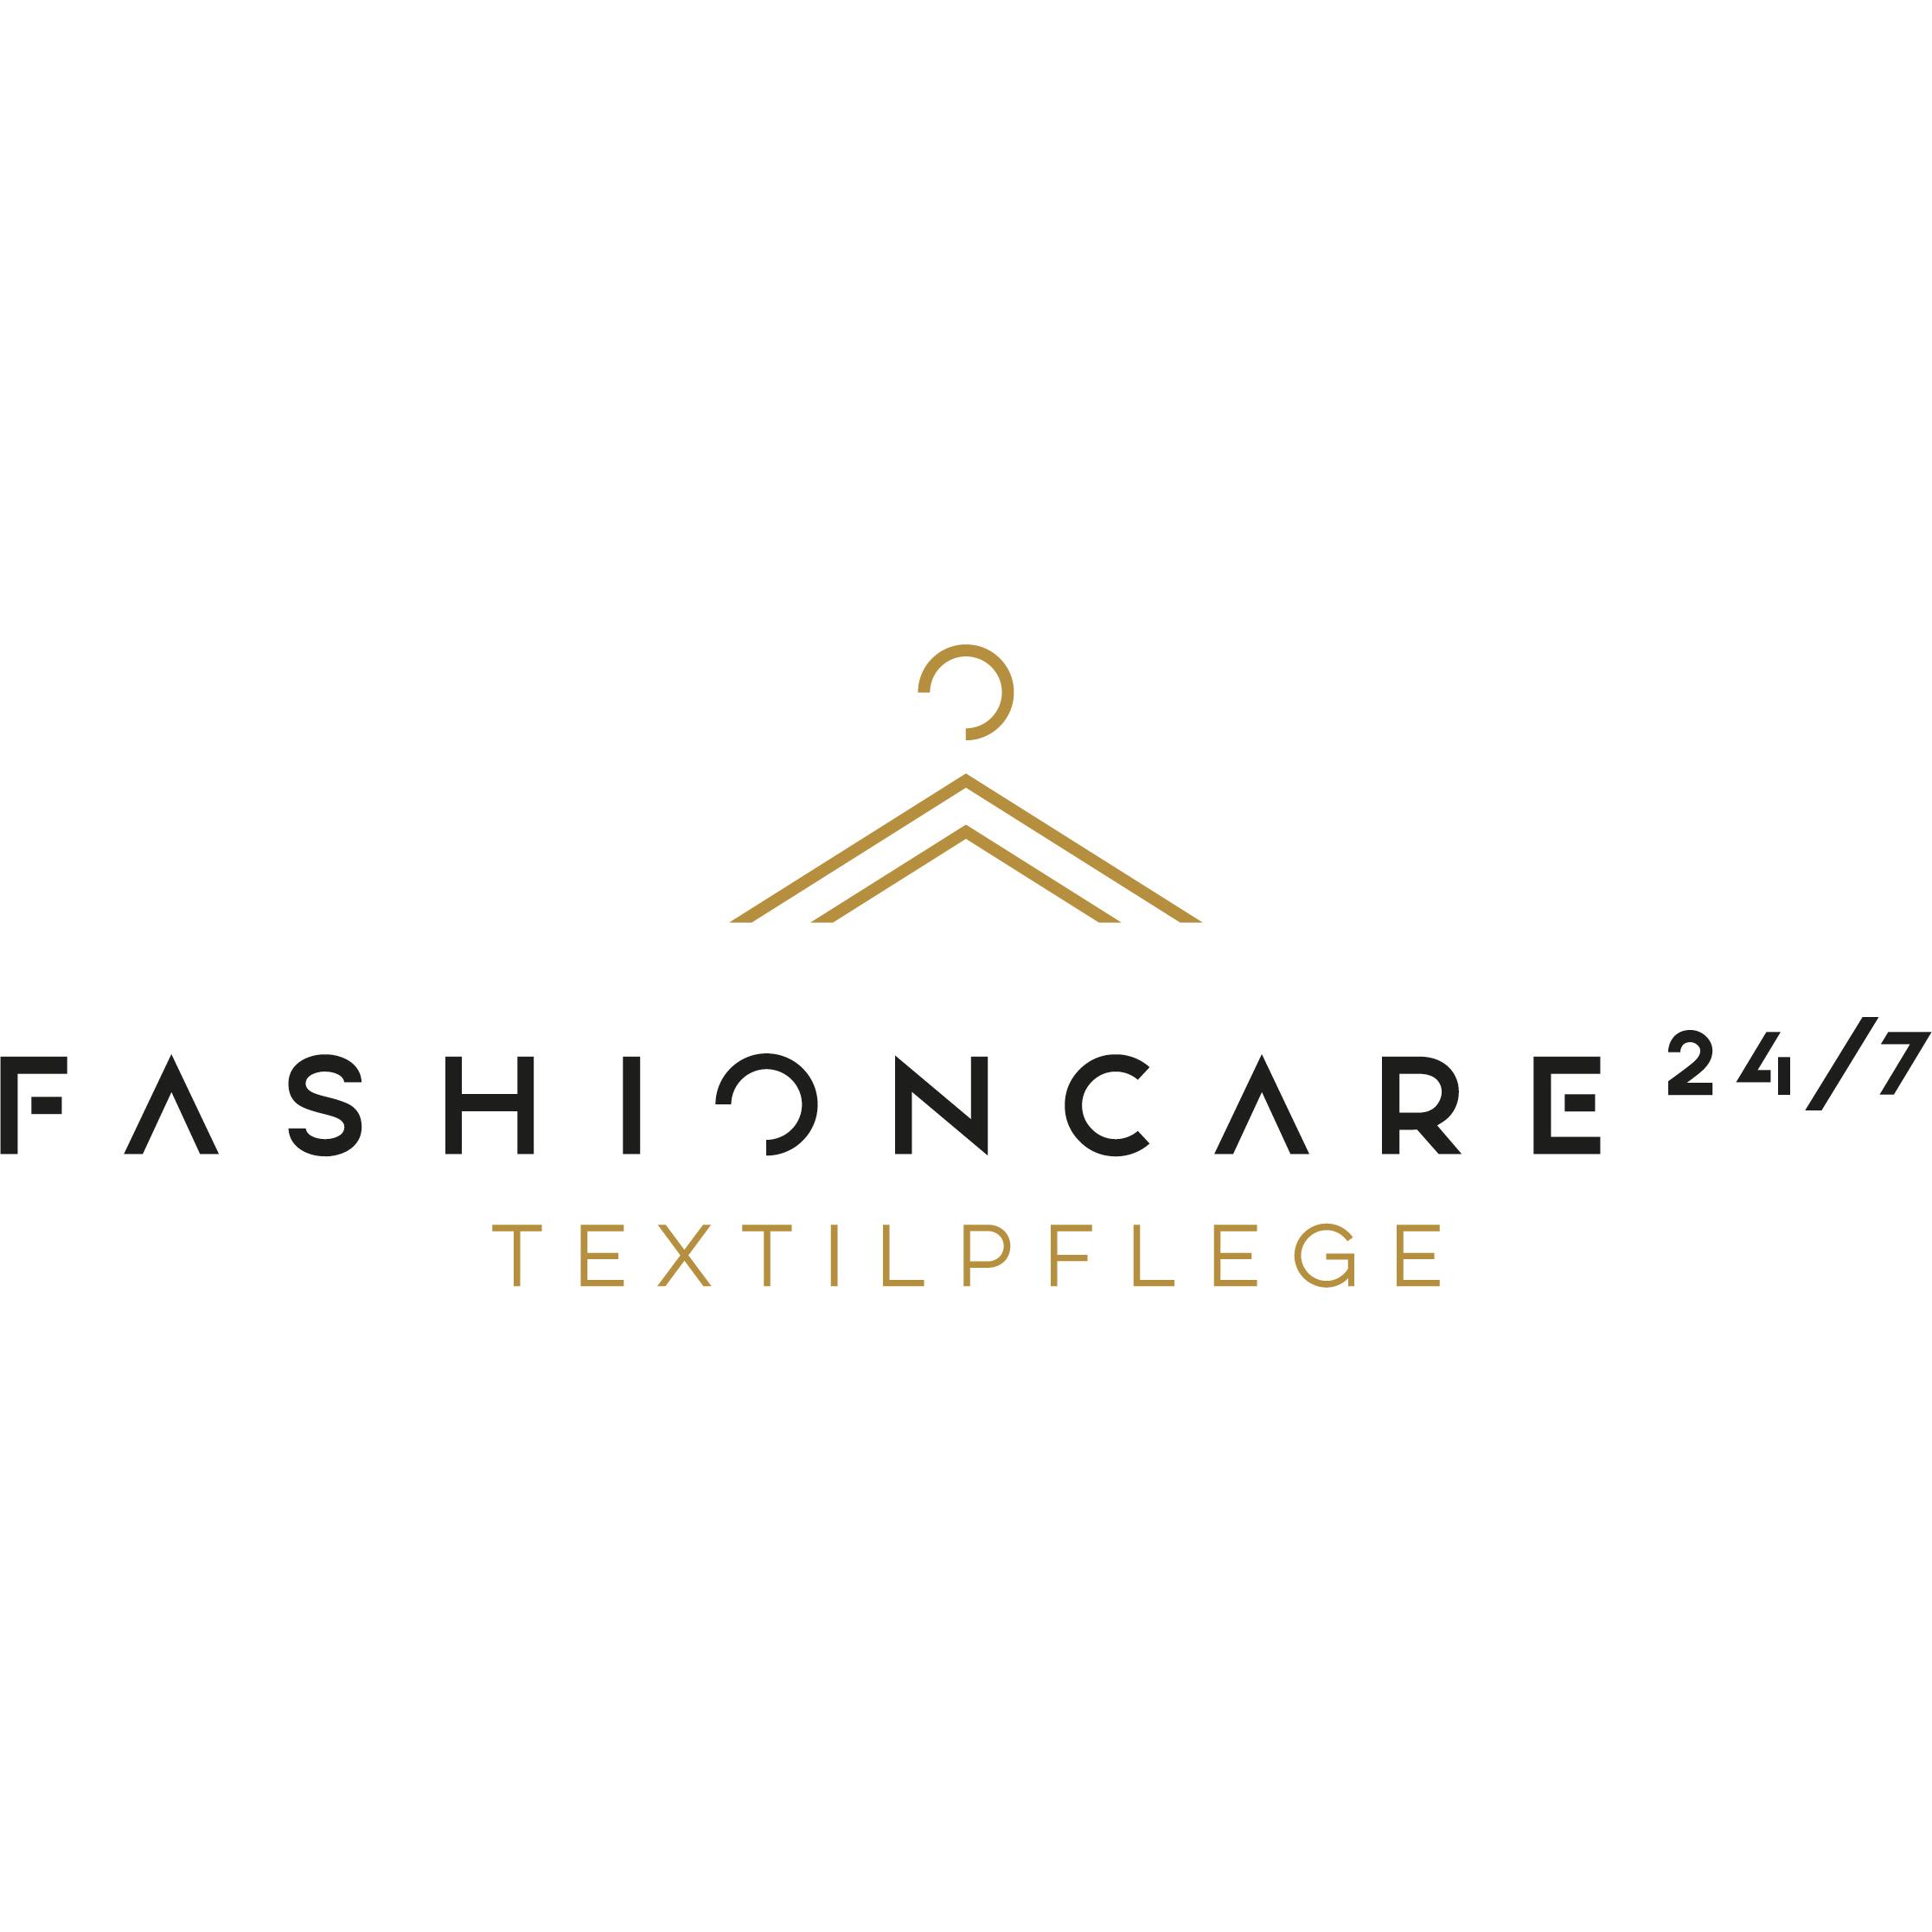 Logo von Fashioncare 24/7 Daniel Moniri e.K.